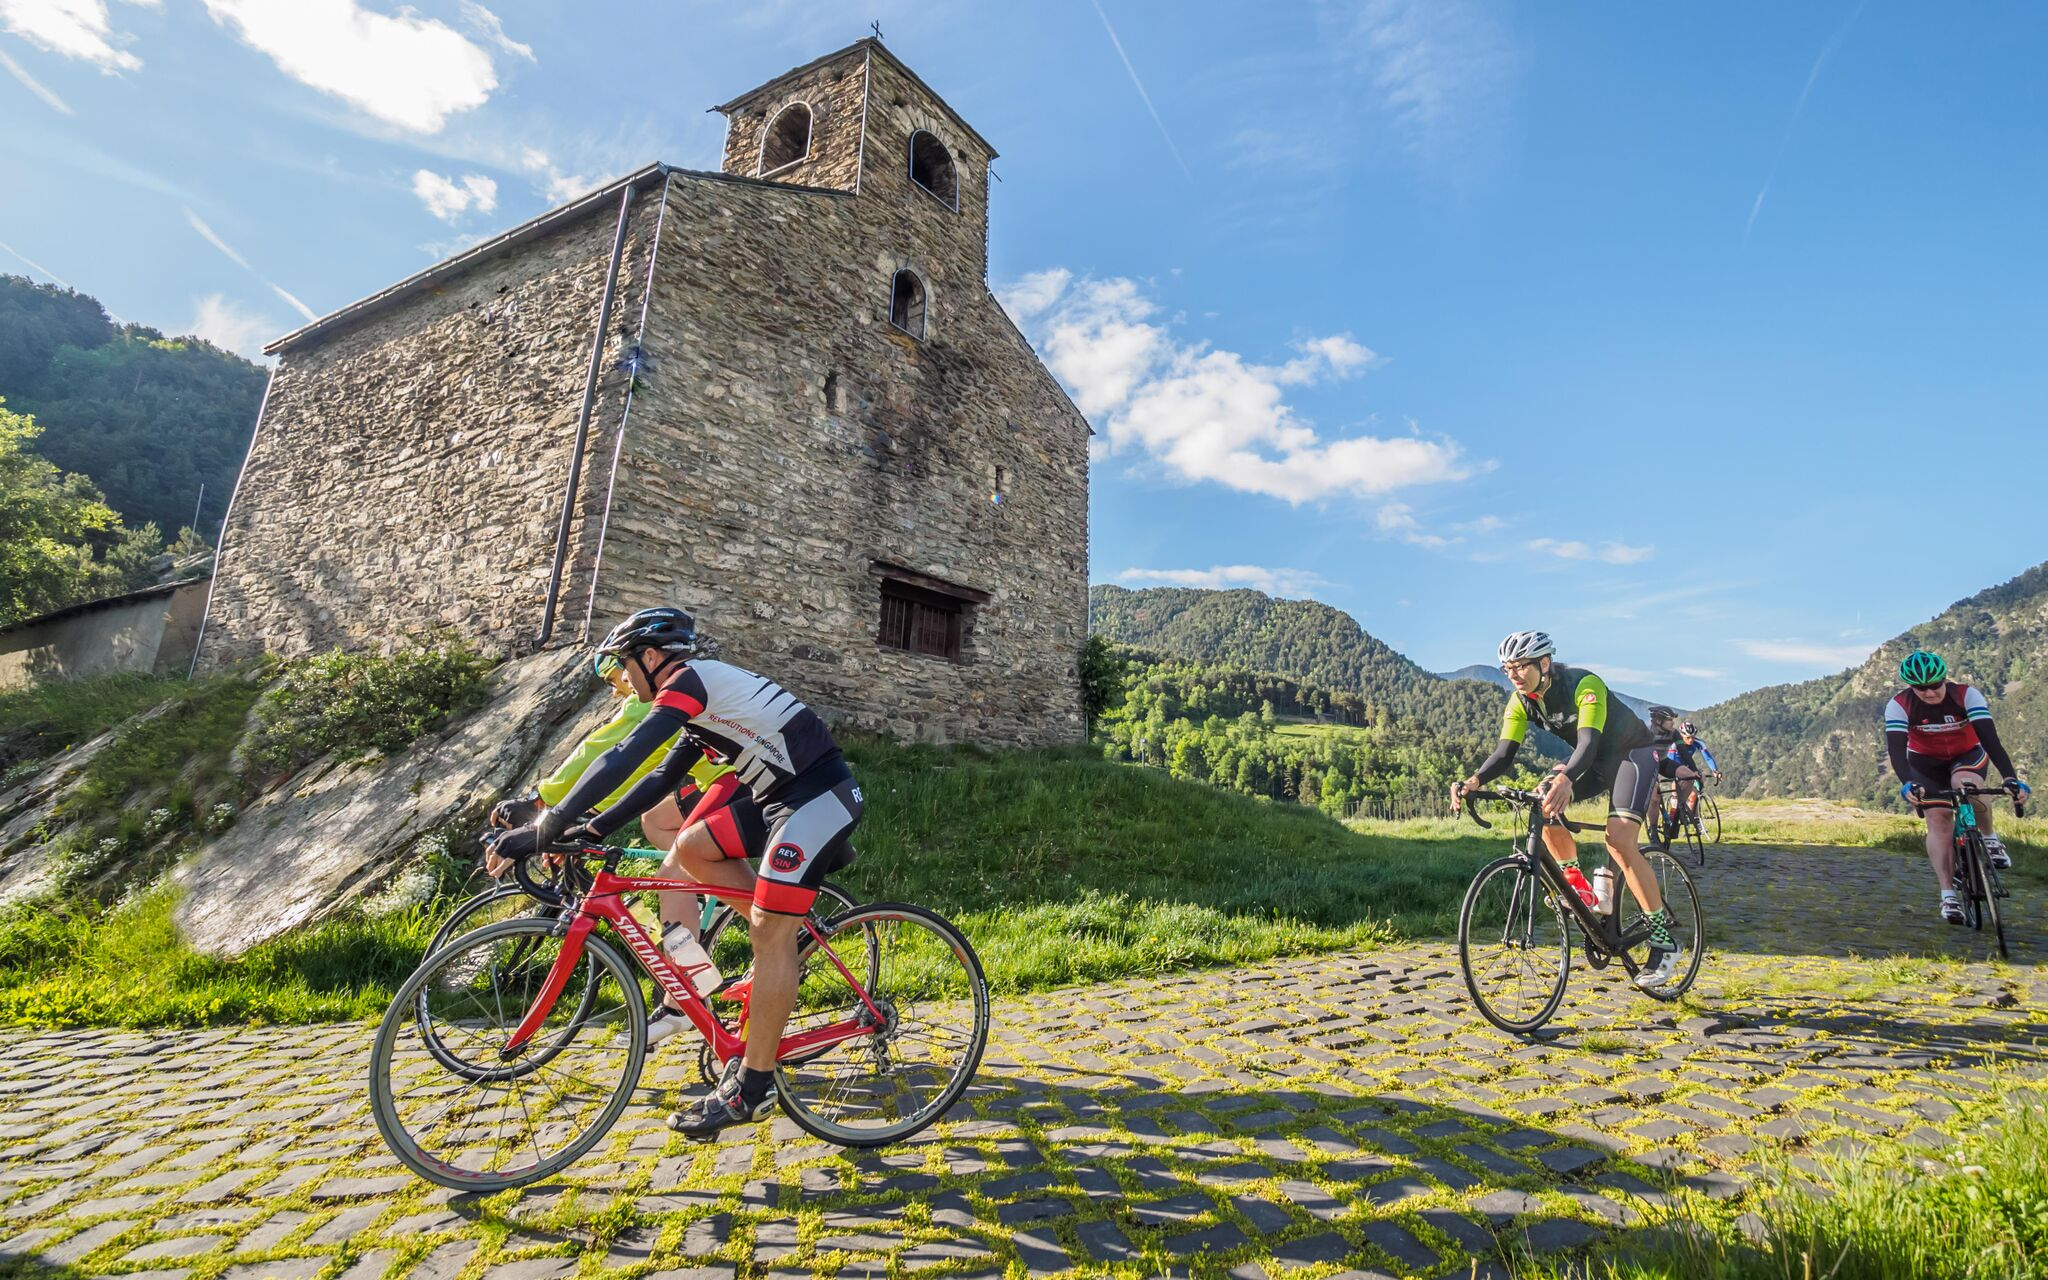 Turisme convida agents de diferents països per promocionar la destinació cicloturista